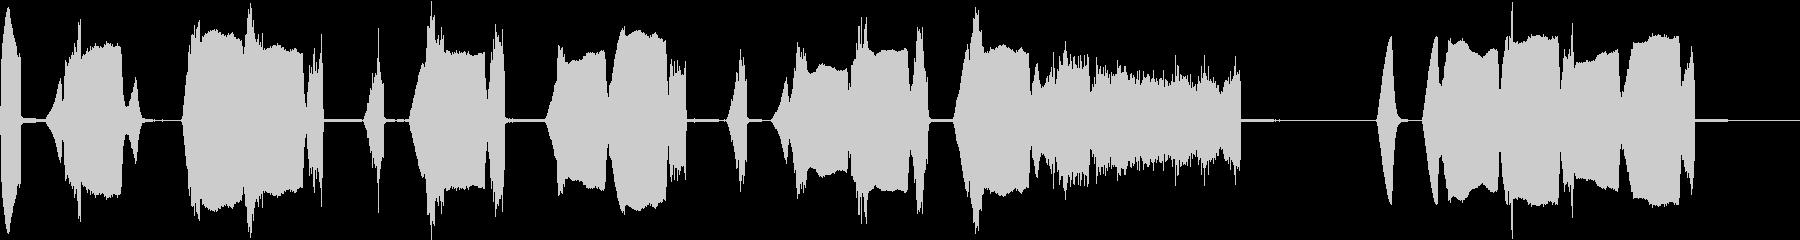 ゆる可愛いハッピーバースデートゥーユーの未再生の波形